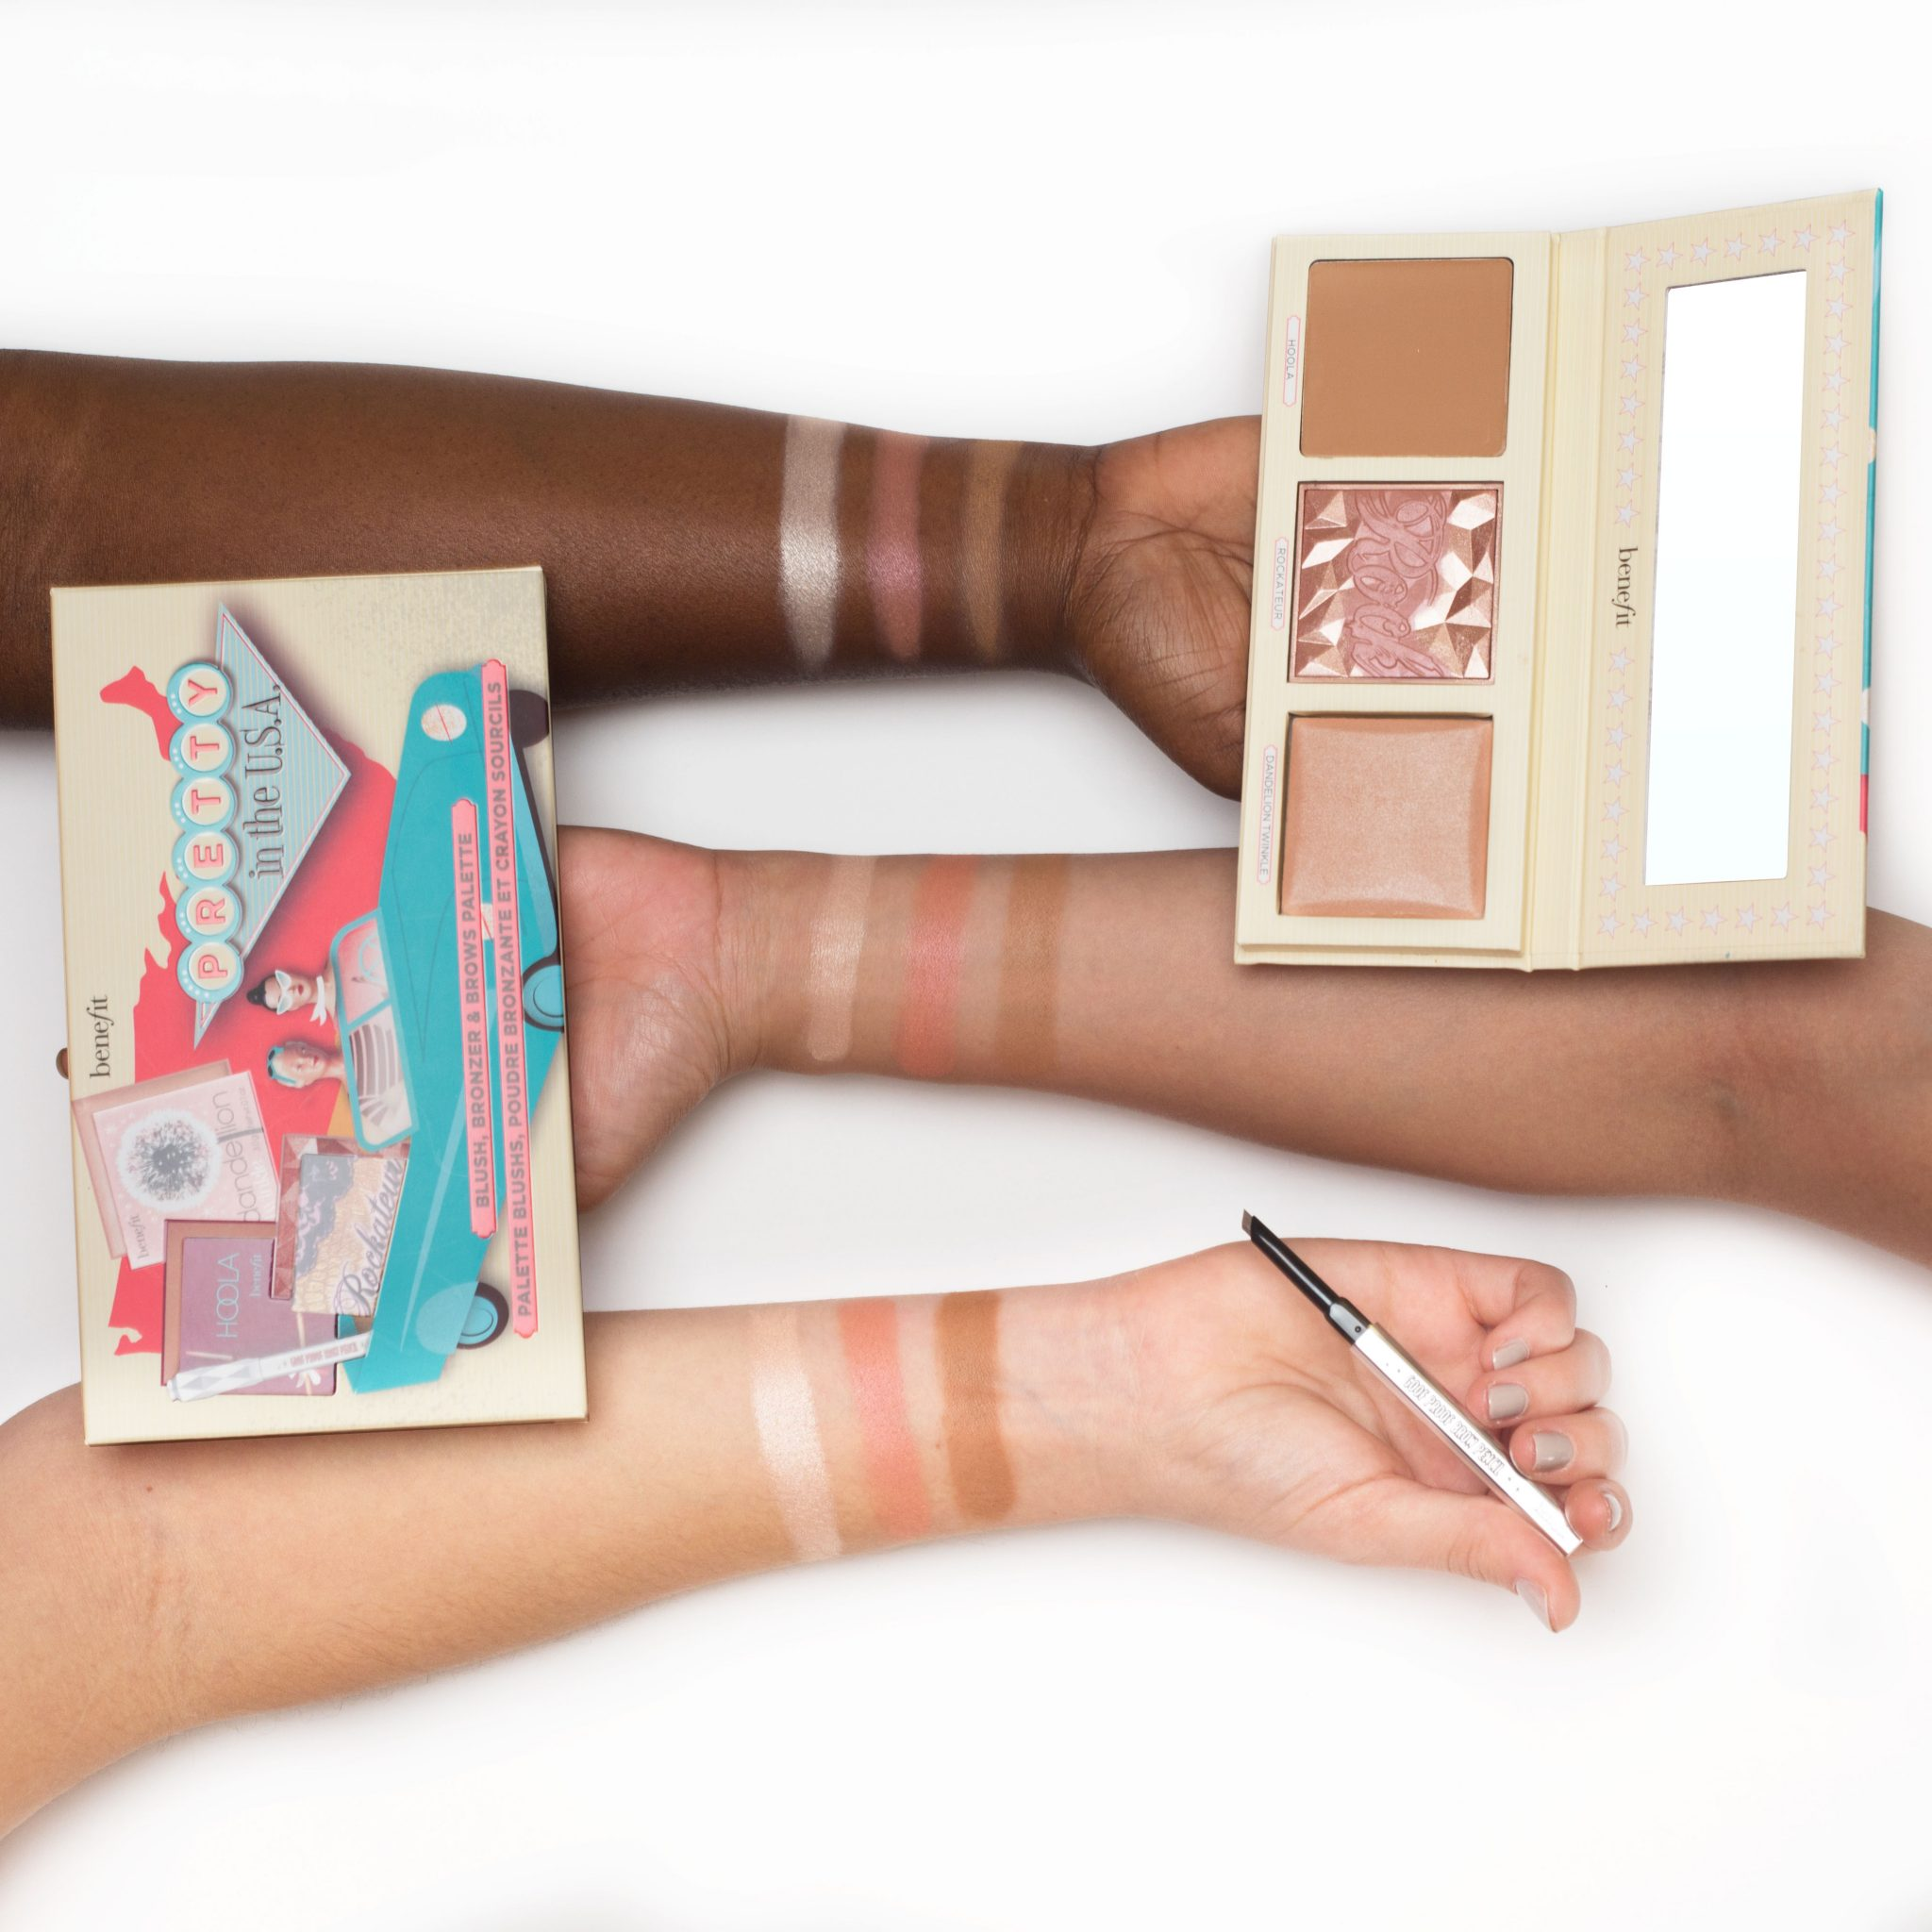 Kit Benefit - Os Lançamentos de Maquiagem Gringas Que São Desejo